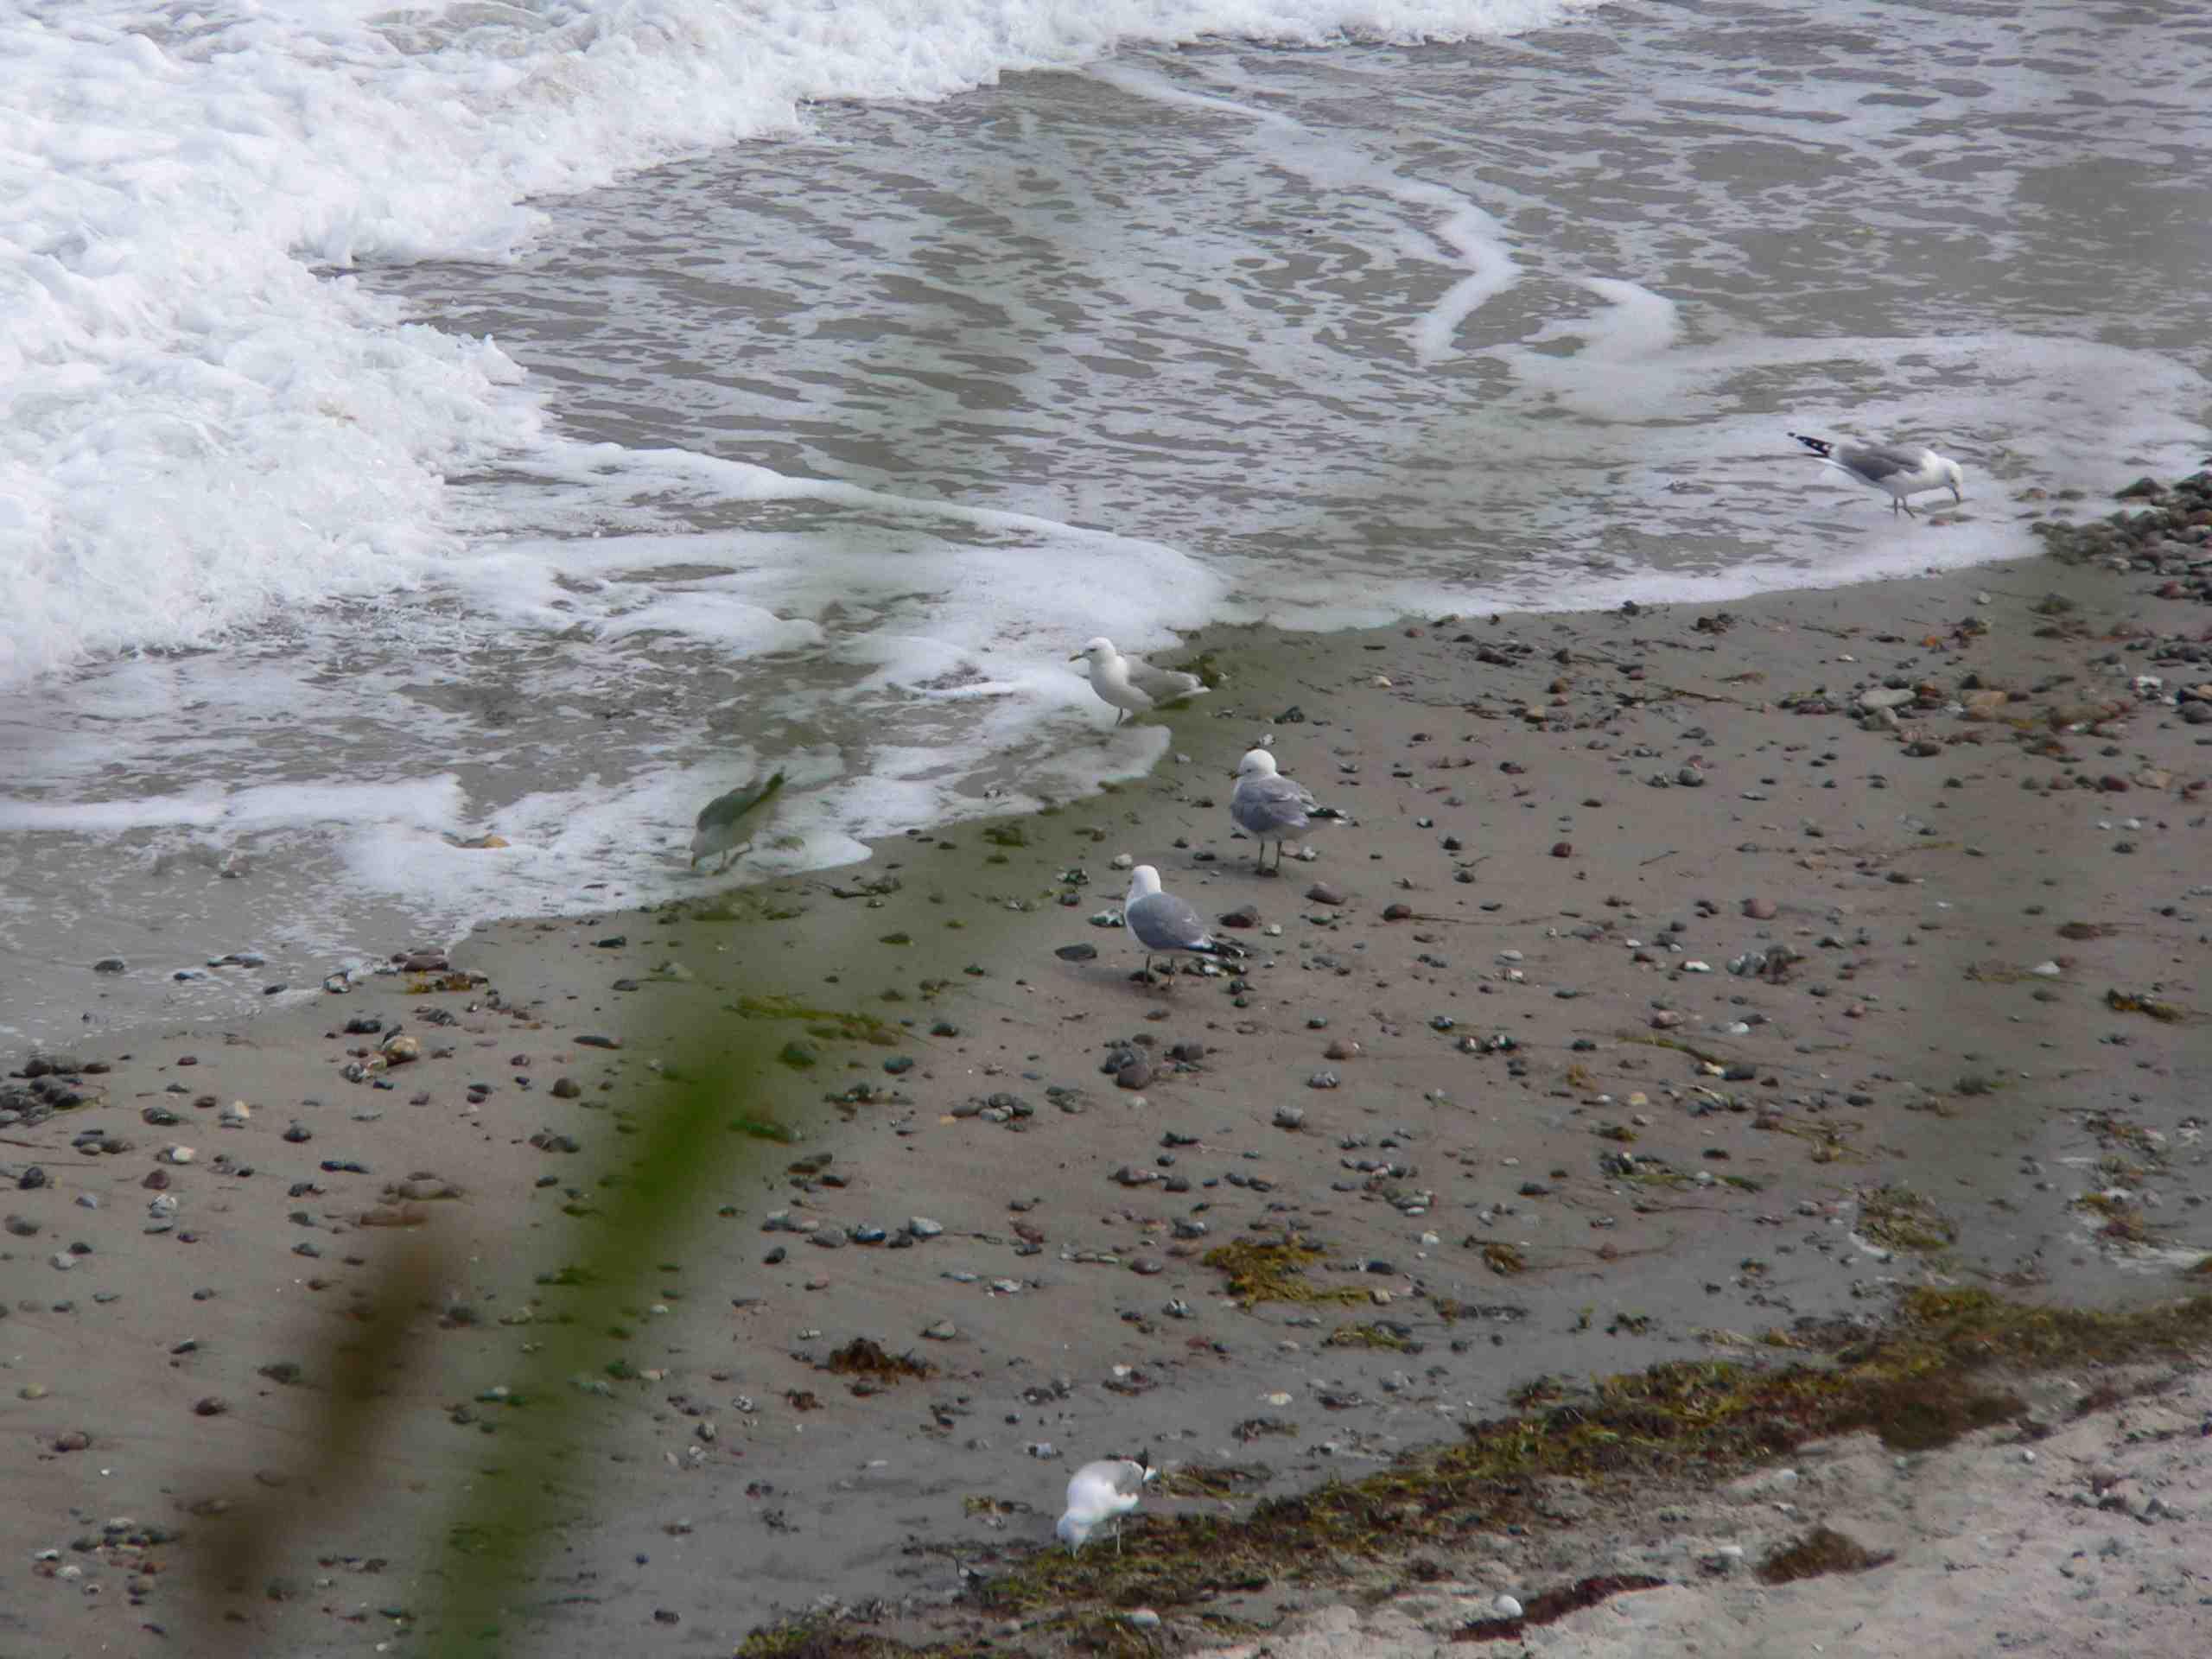 Eine typische Strandszene auf Fehmarn im Früjahr.  Foto: (c) Kinderoutdoor.de